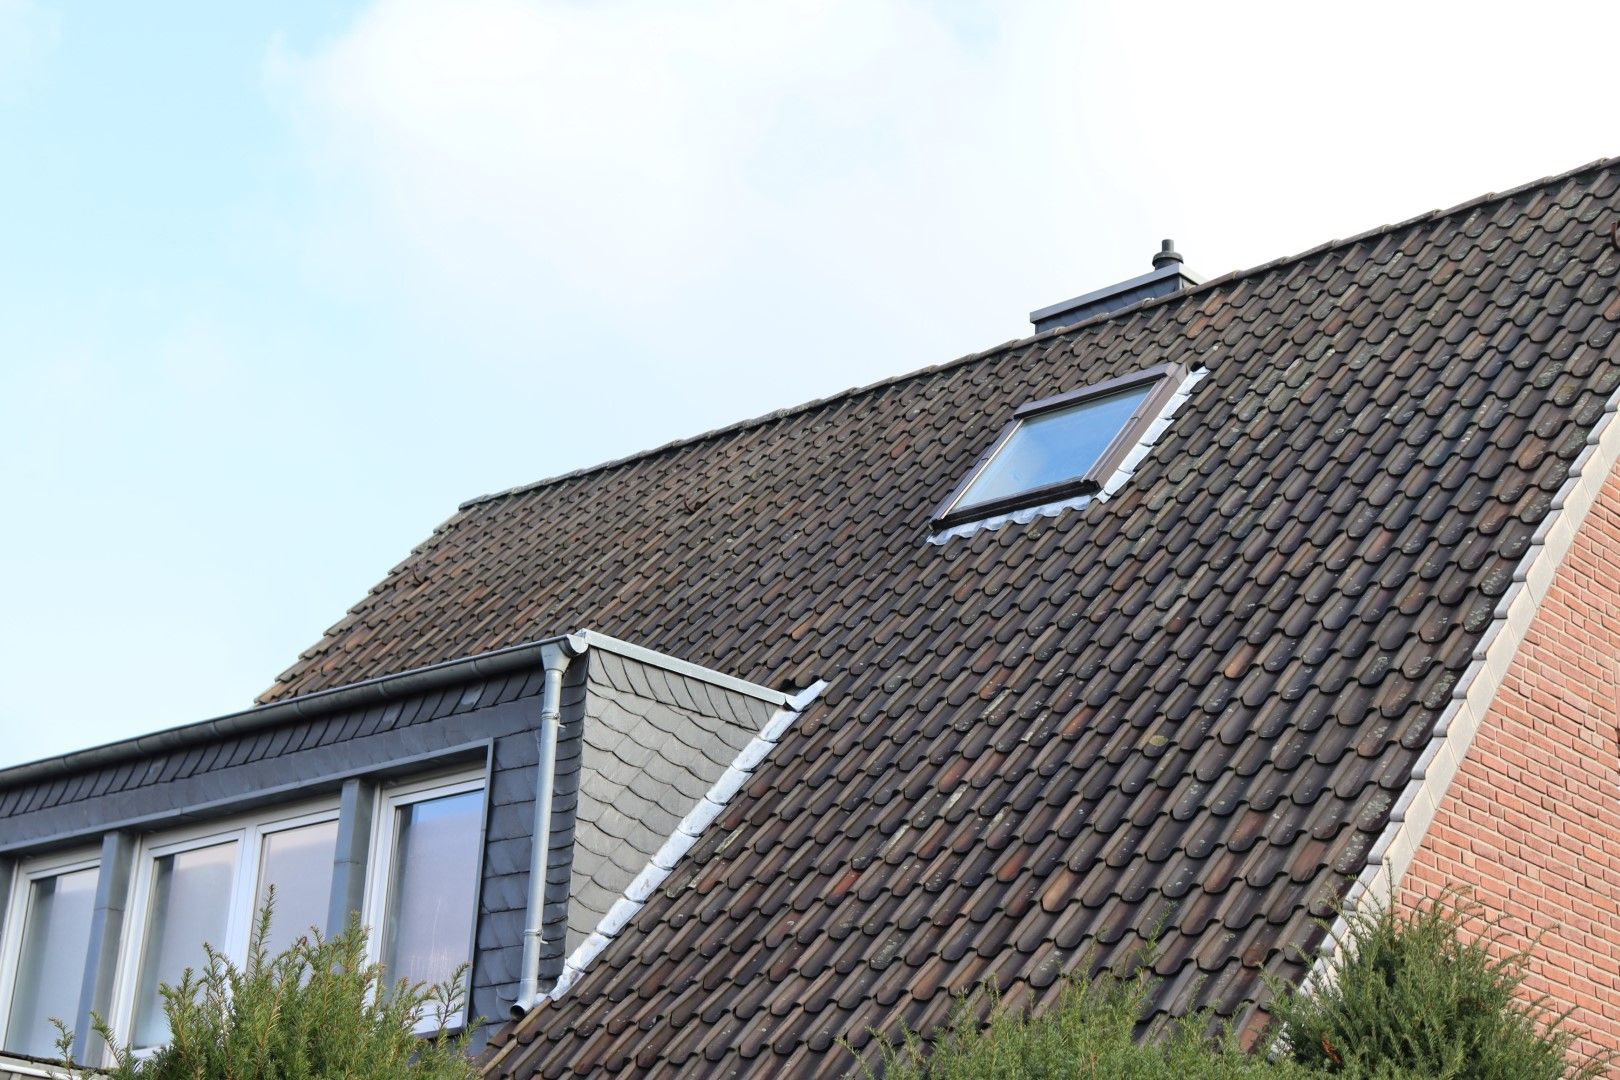 Immobilie Nr.0279 - Freistehendes EFH mit Anbau, Keller und Garage - Bild 12.jpg